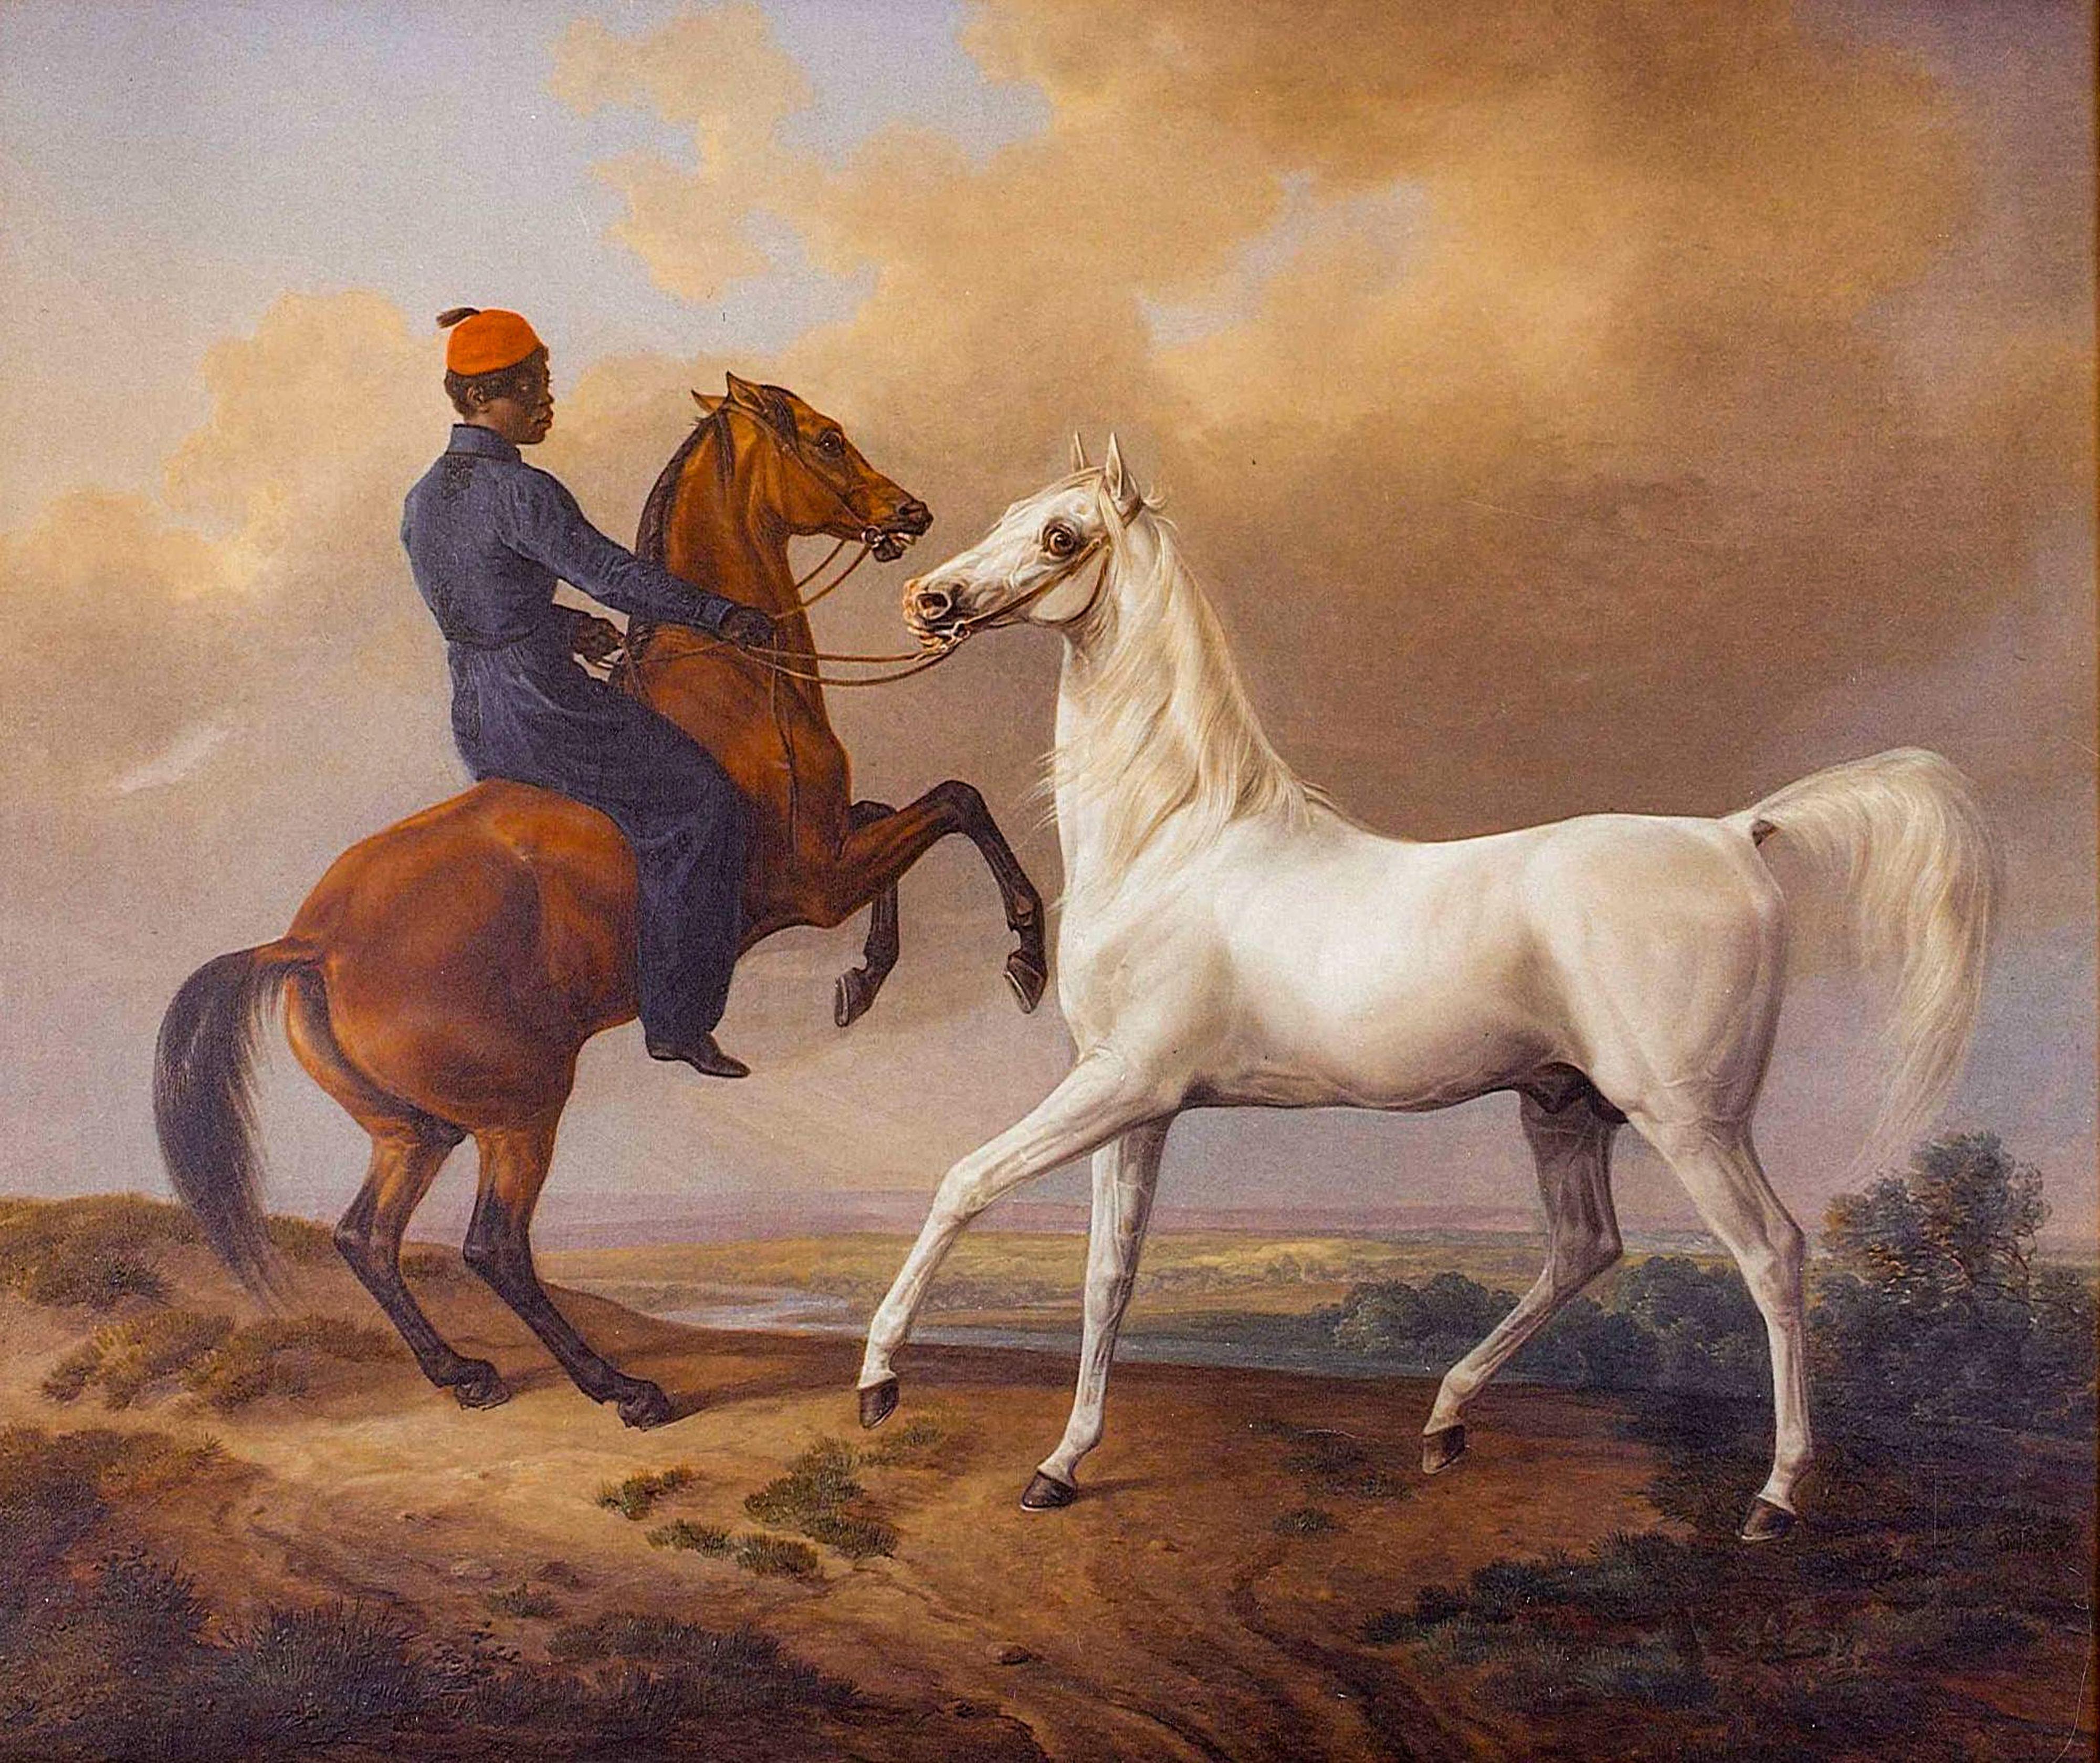 Bairactar ist der Stammvater des Kgl. Privatgestüts und der 200 Jahre Zucht von Arabischem Vollblut im Land